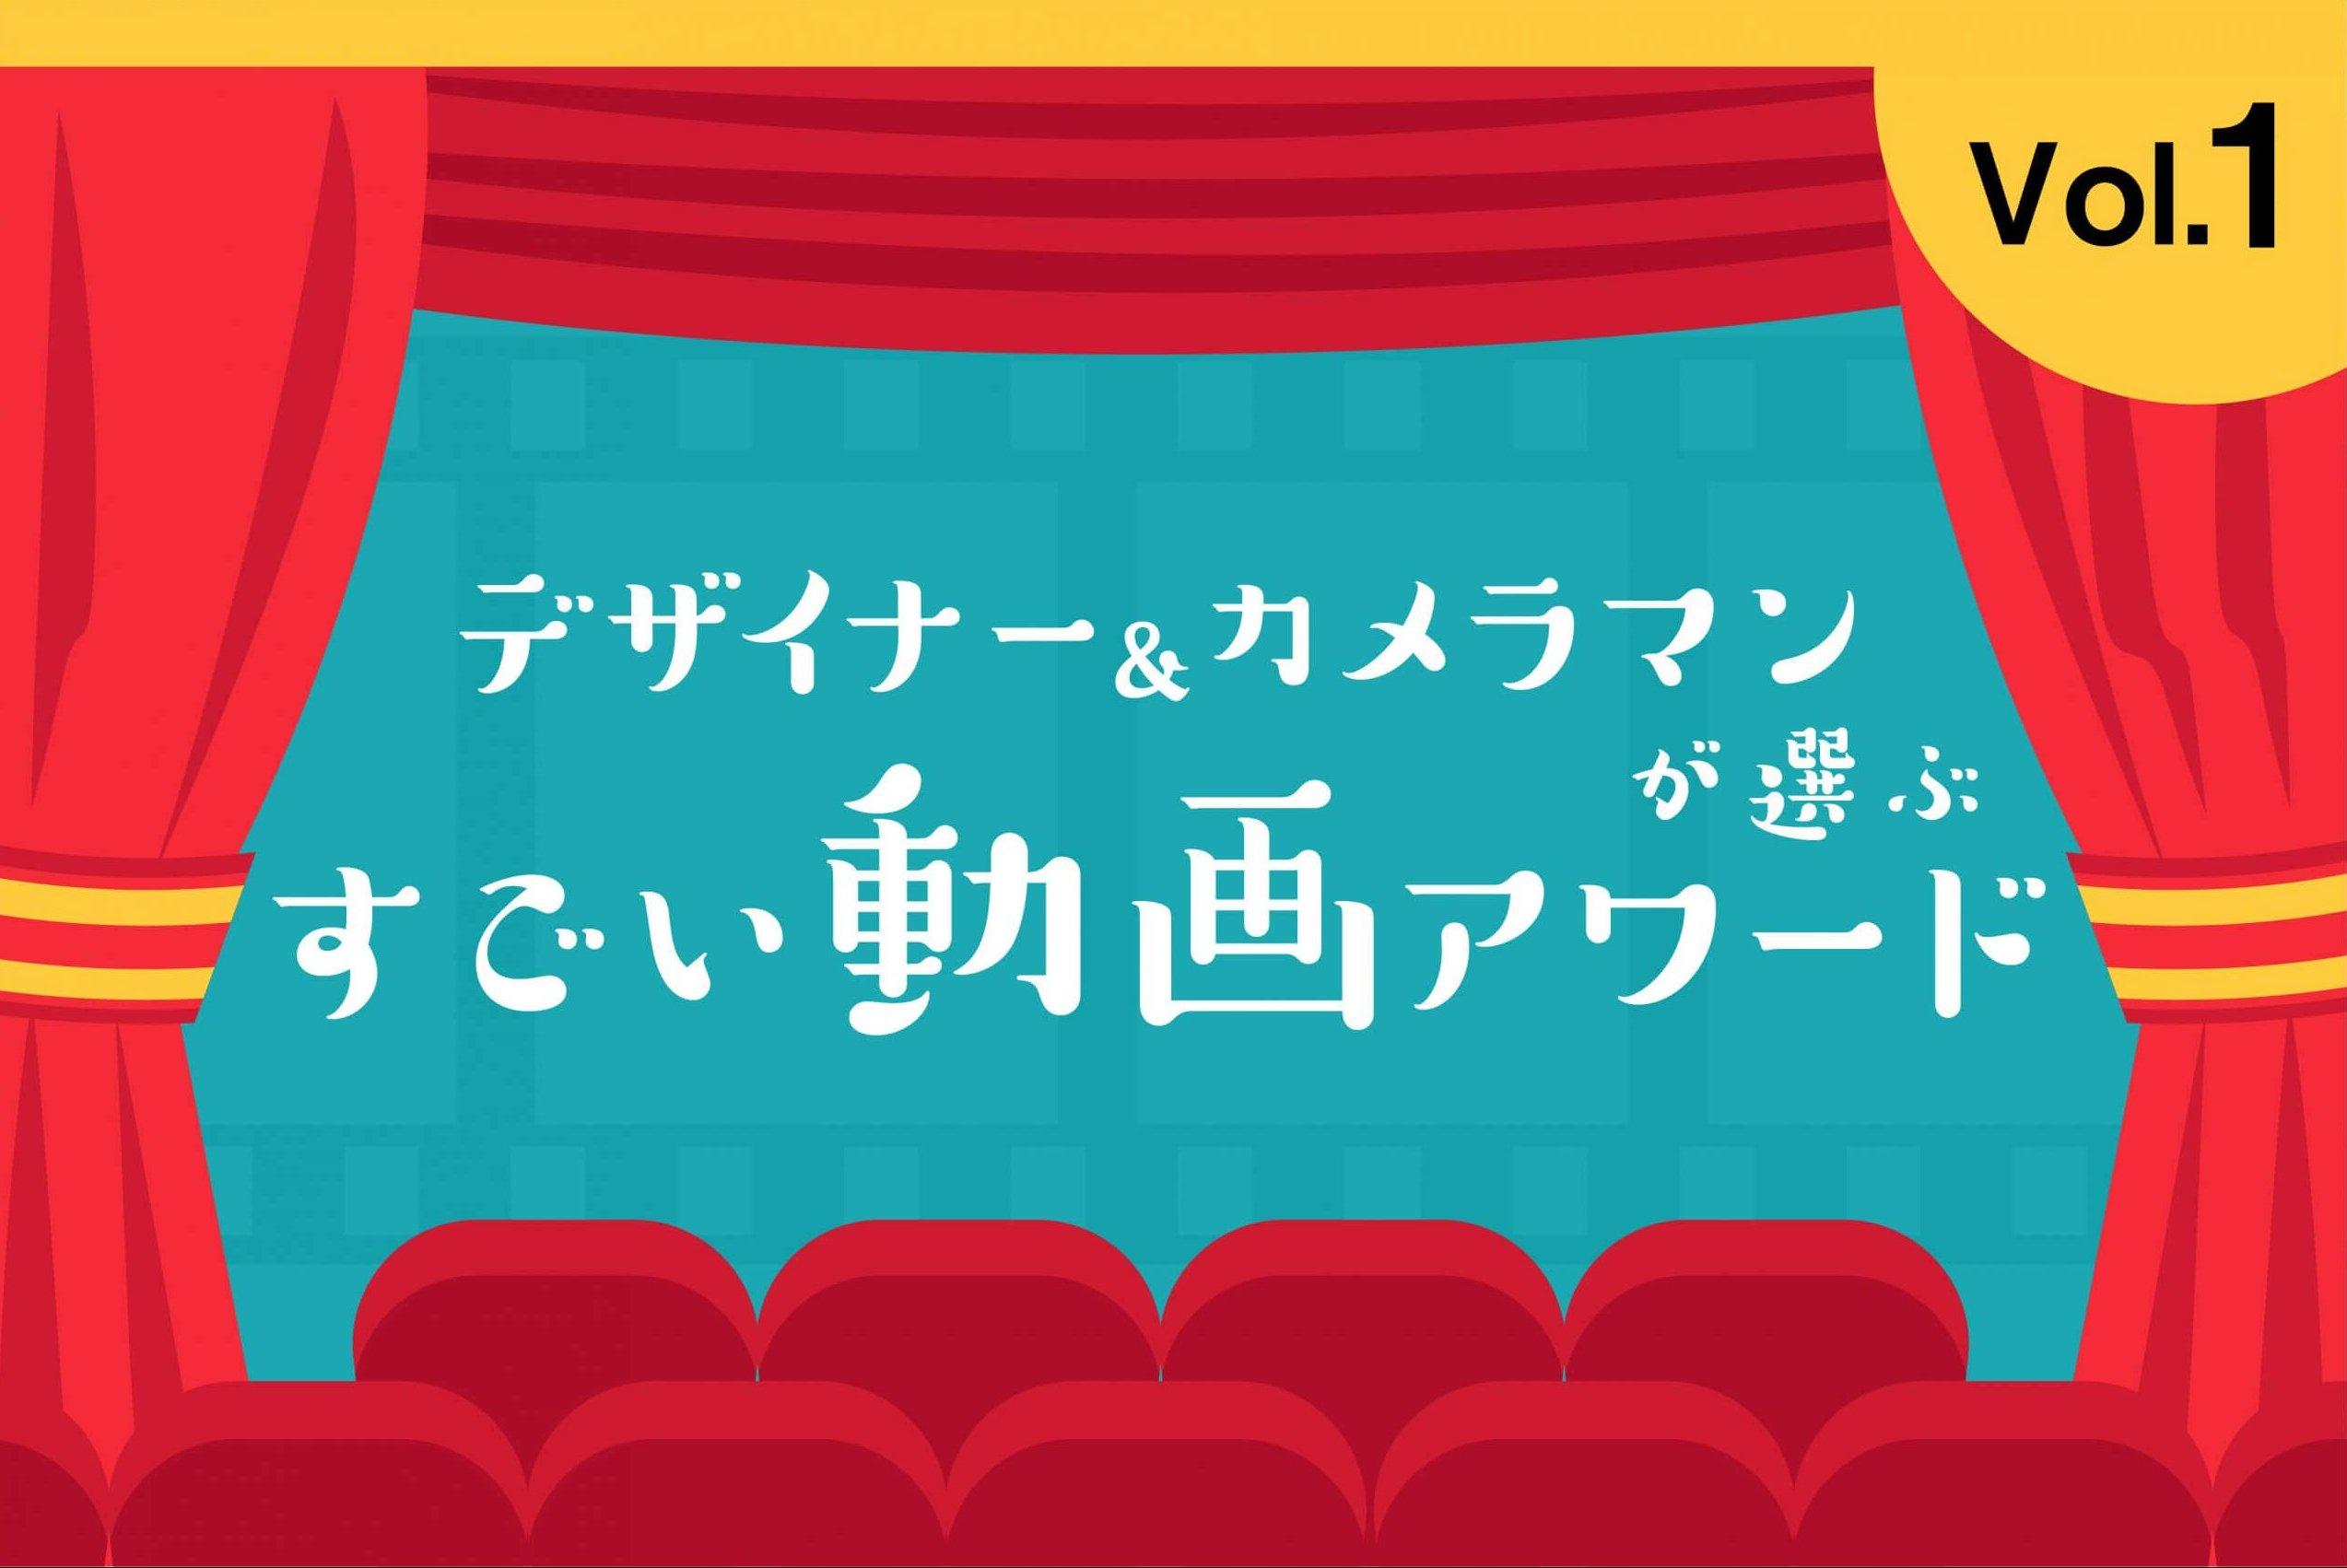 【3Dフィルムカメラの魅力】デザイナー&カメラマンが選ぶ!すごい動画アワード Vol.1